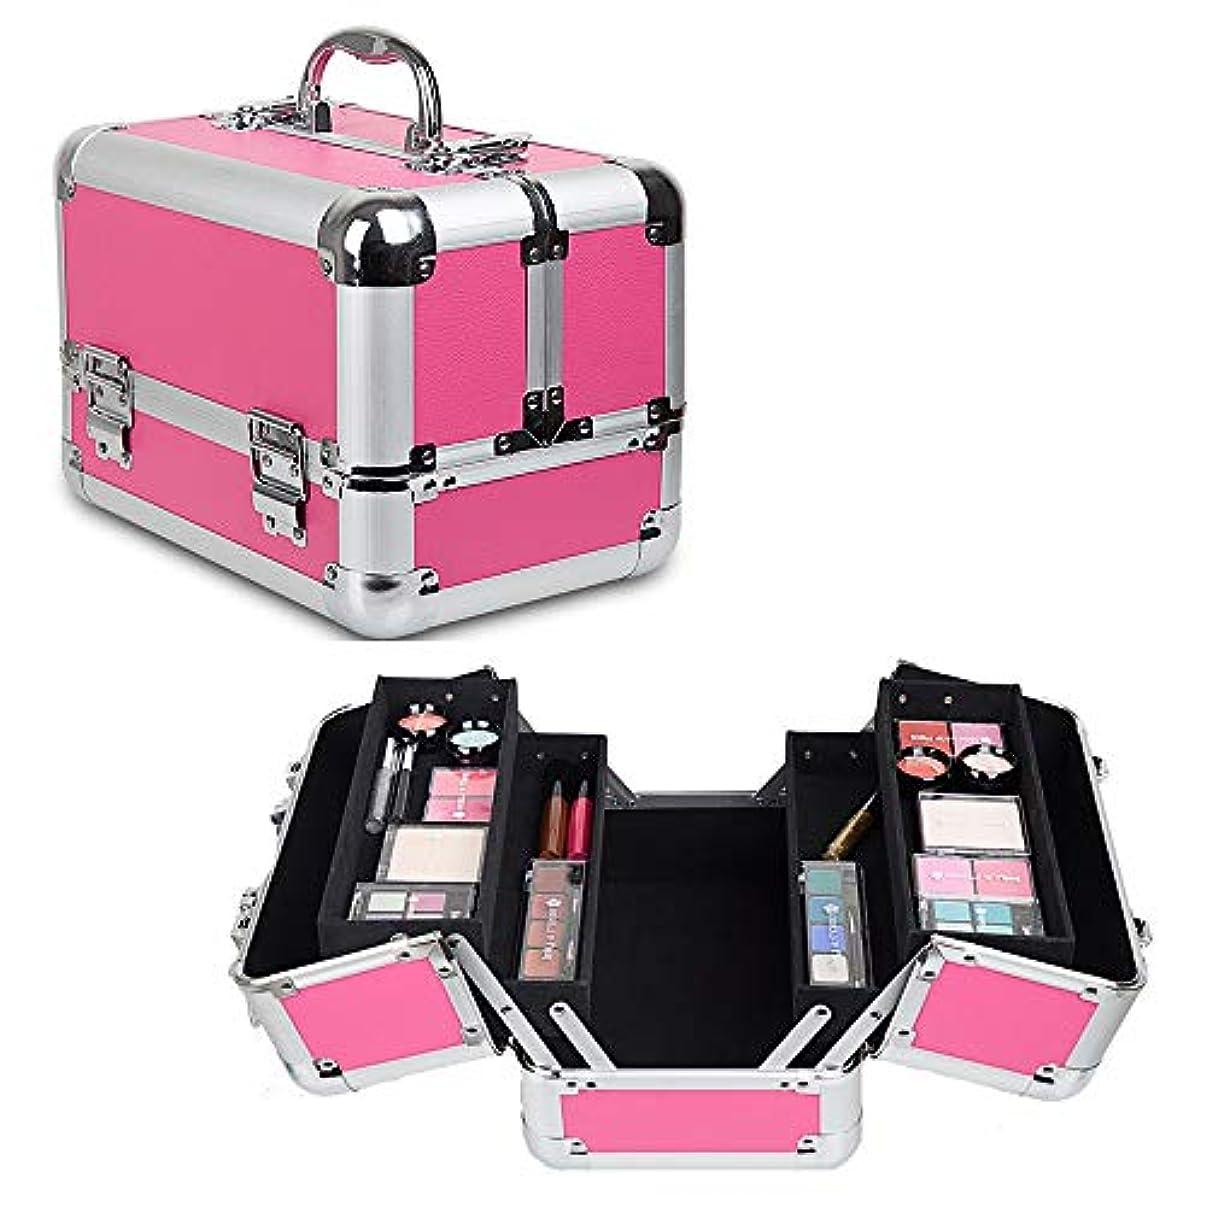 ビート成果方向特大スペース収納ビューティーボックス 美の構造のためそしてジッパーおよび折る皿が付いている女の子の女性旅行そして毎日の貯蔵のための高容量の携帯用化粧品袋 化粧品化粧台